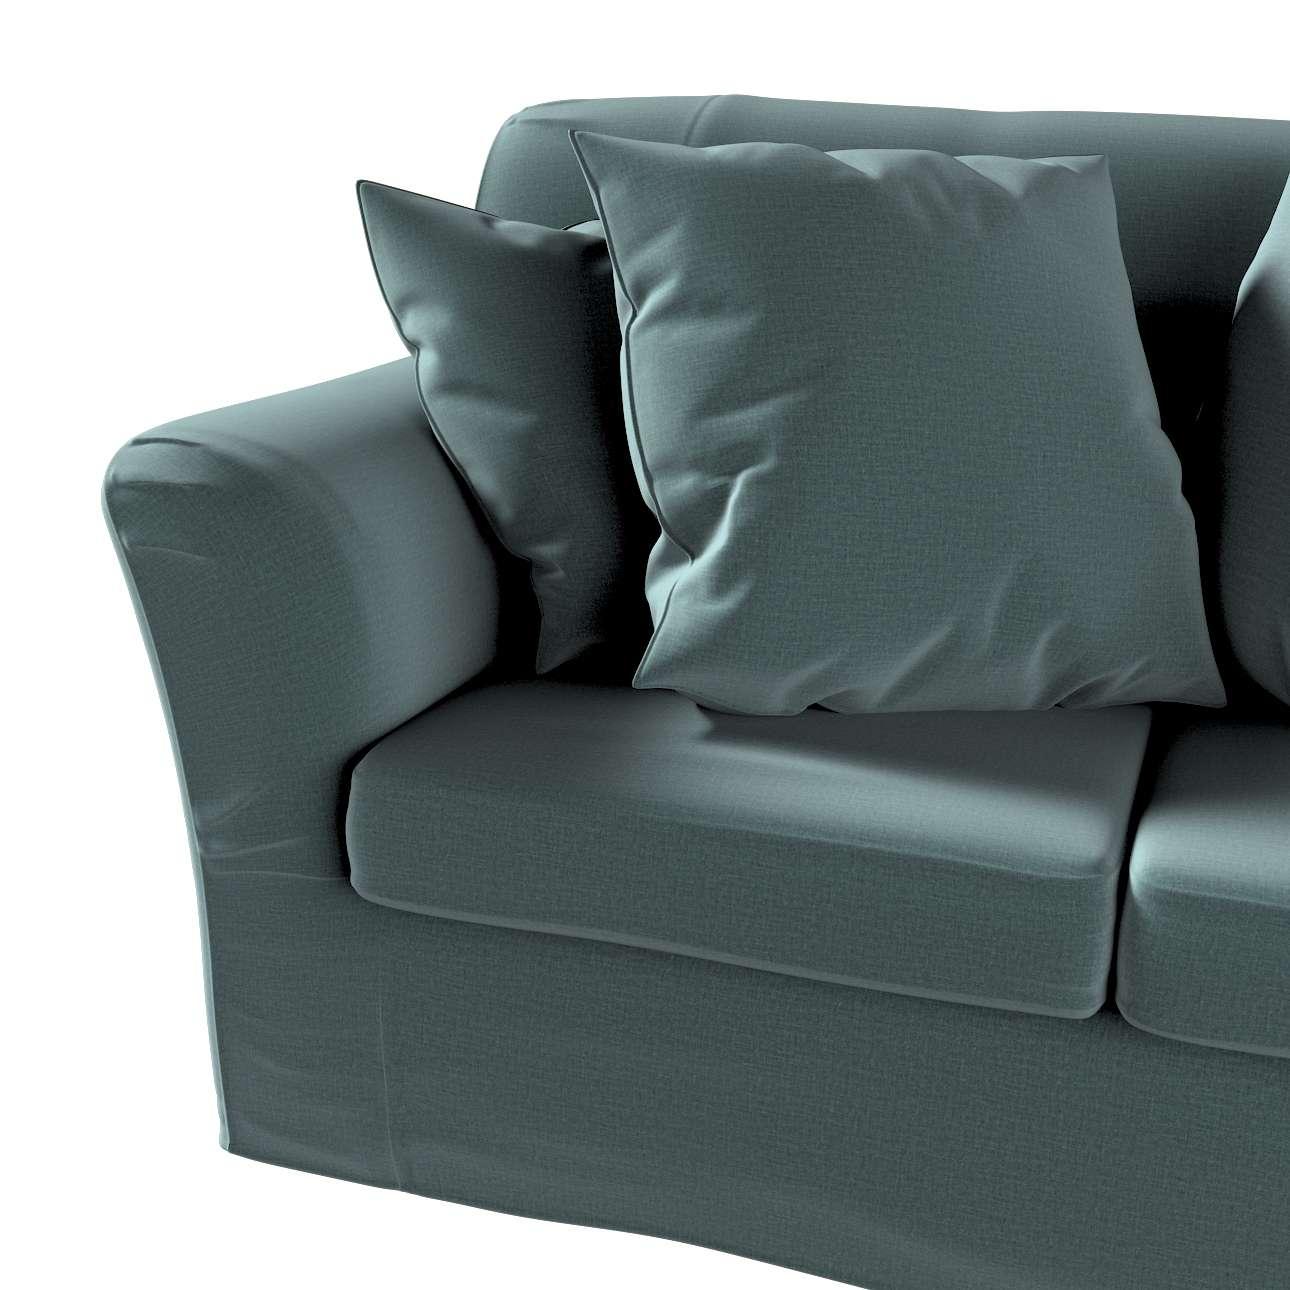 Pokrowiec na sofę Tomelilla 2-osobową nierozkładaną w kolekcji Ingrid, tkanina: 705-36